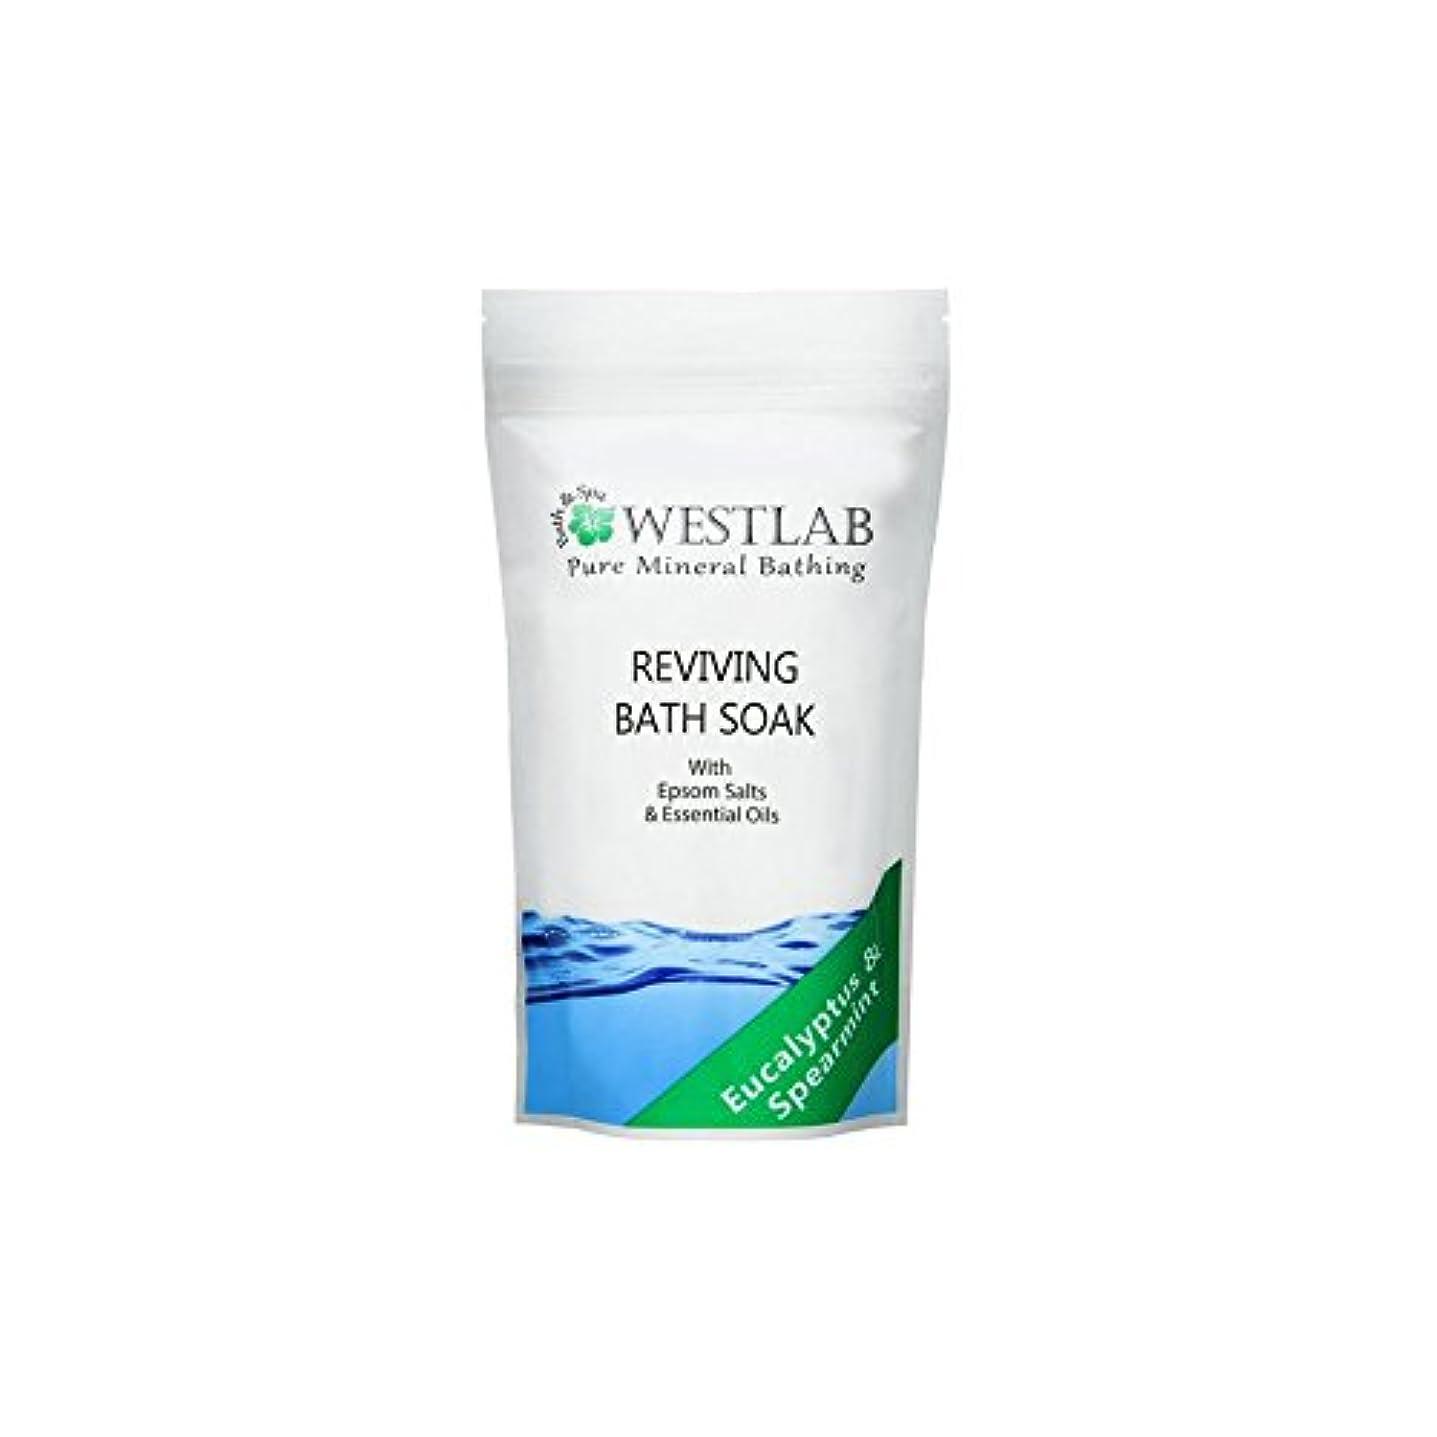 航空機パイ卒業Westlab Revive Epsom Salt Bath Soak (500g) (Pack of 6) - (500グラム)をソークエプソム塩浴を復活させます x6 [並行輸入品]